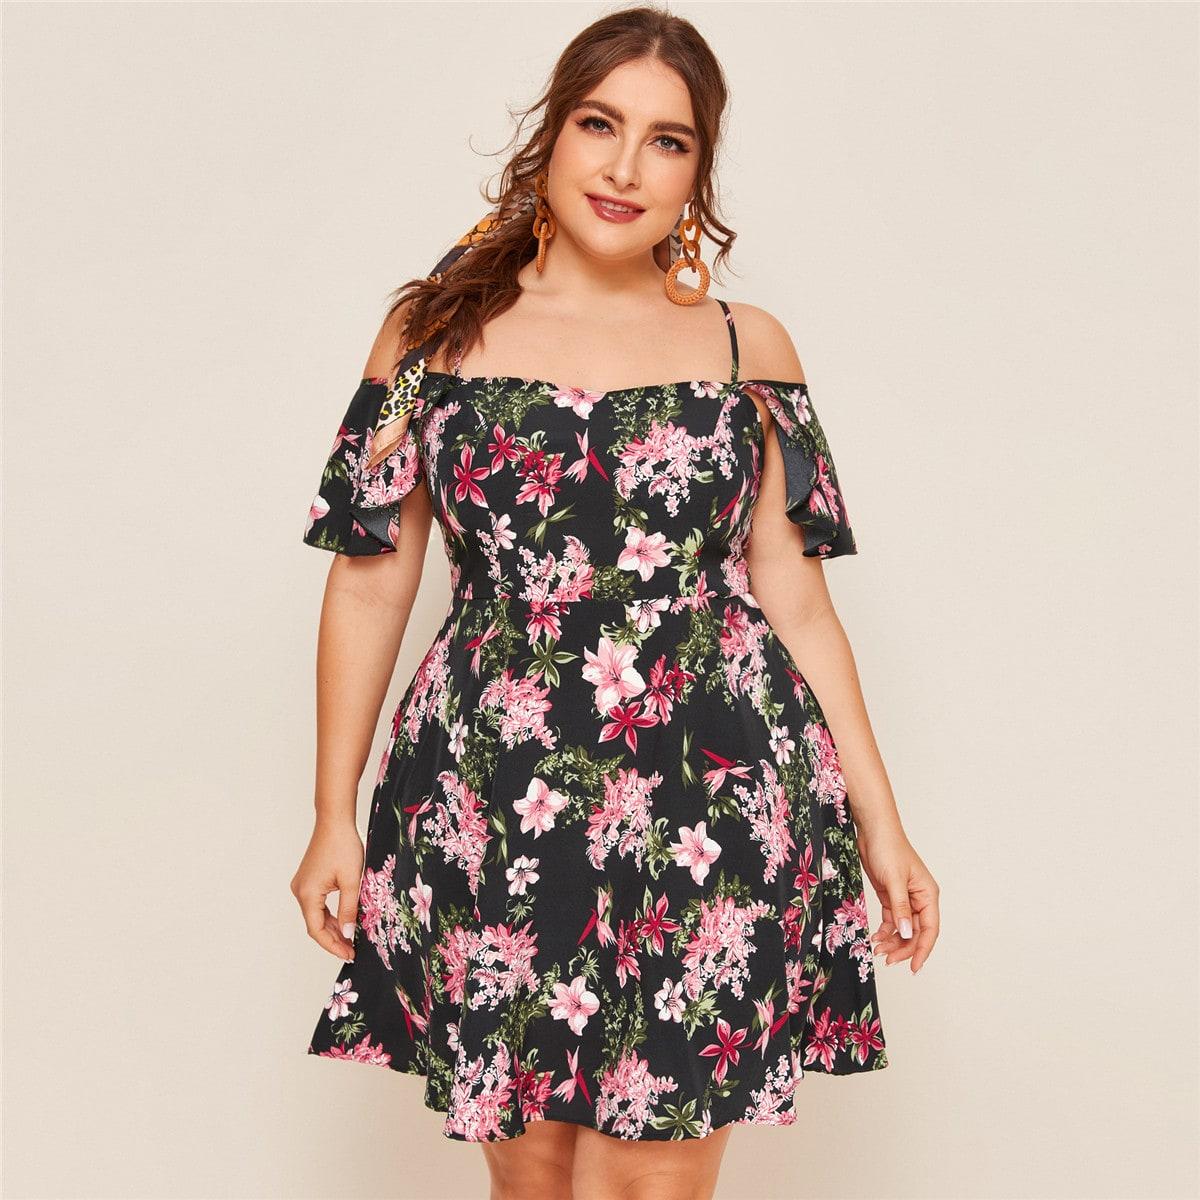 Цветочное платье с открытыми плечами размера плюс